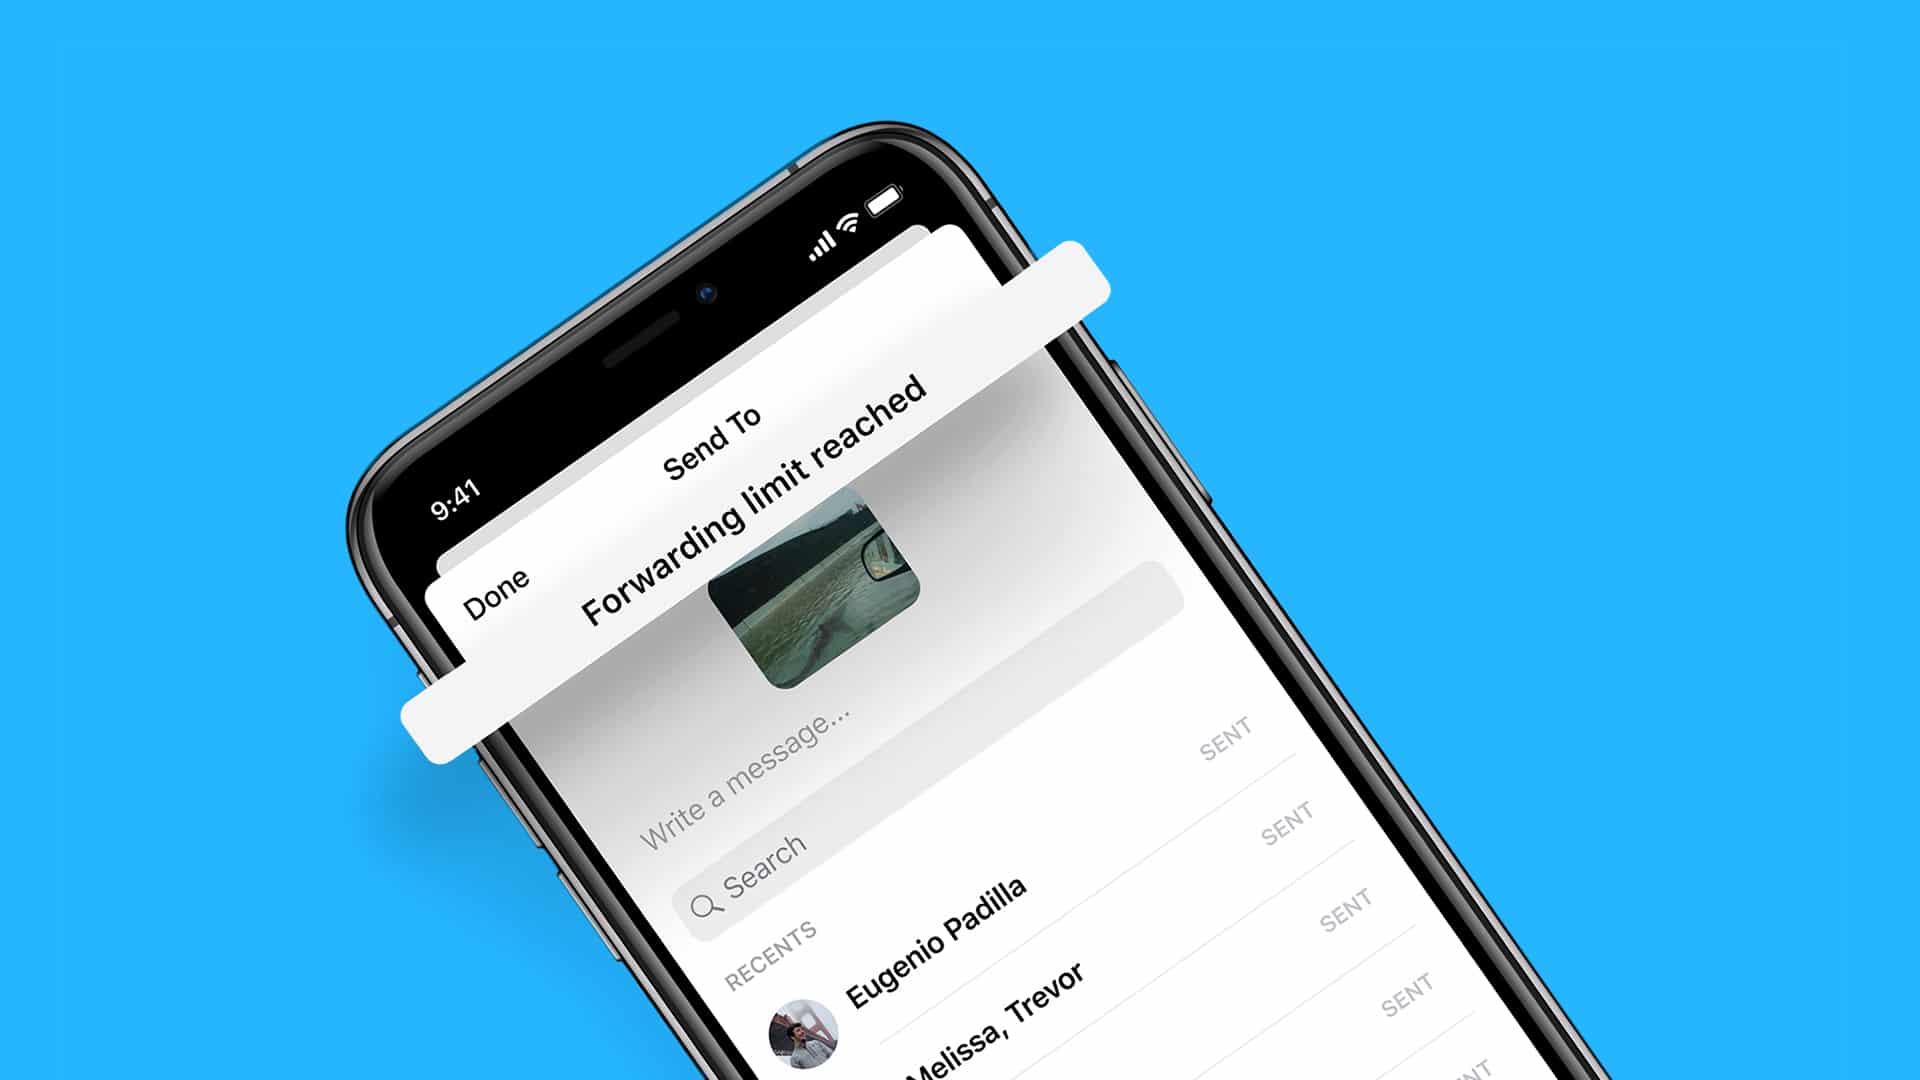 Limite de encaminhamento de mensagens no Messenger